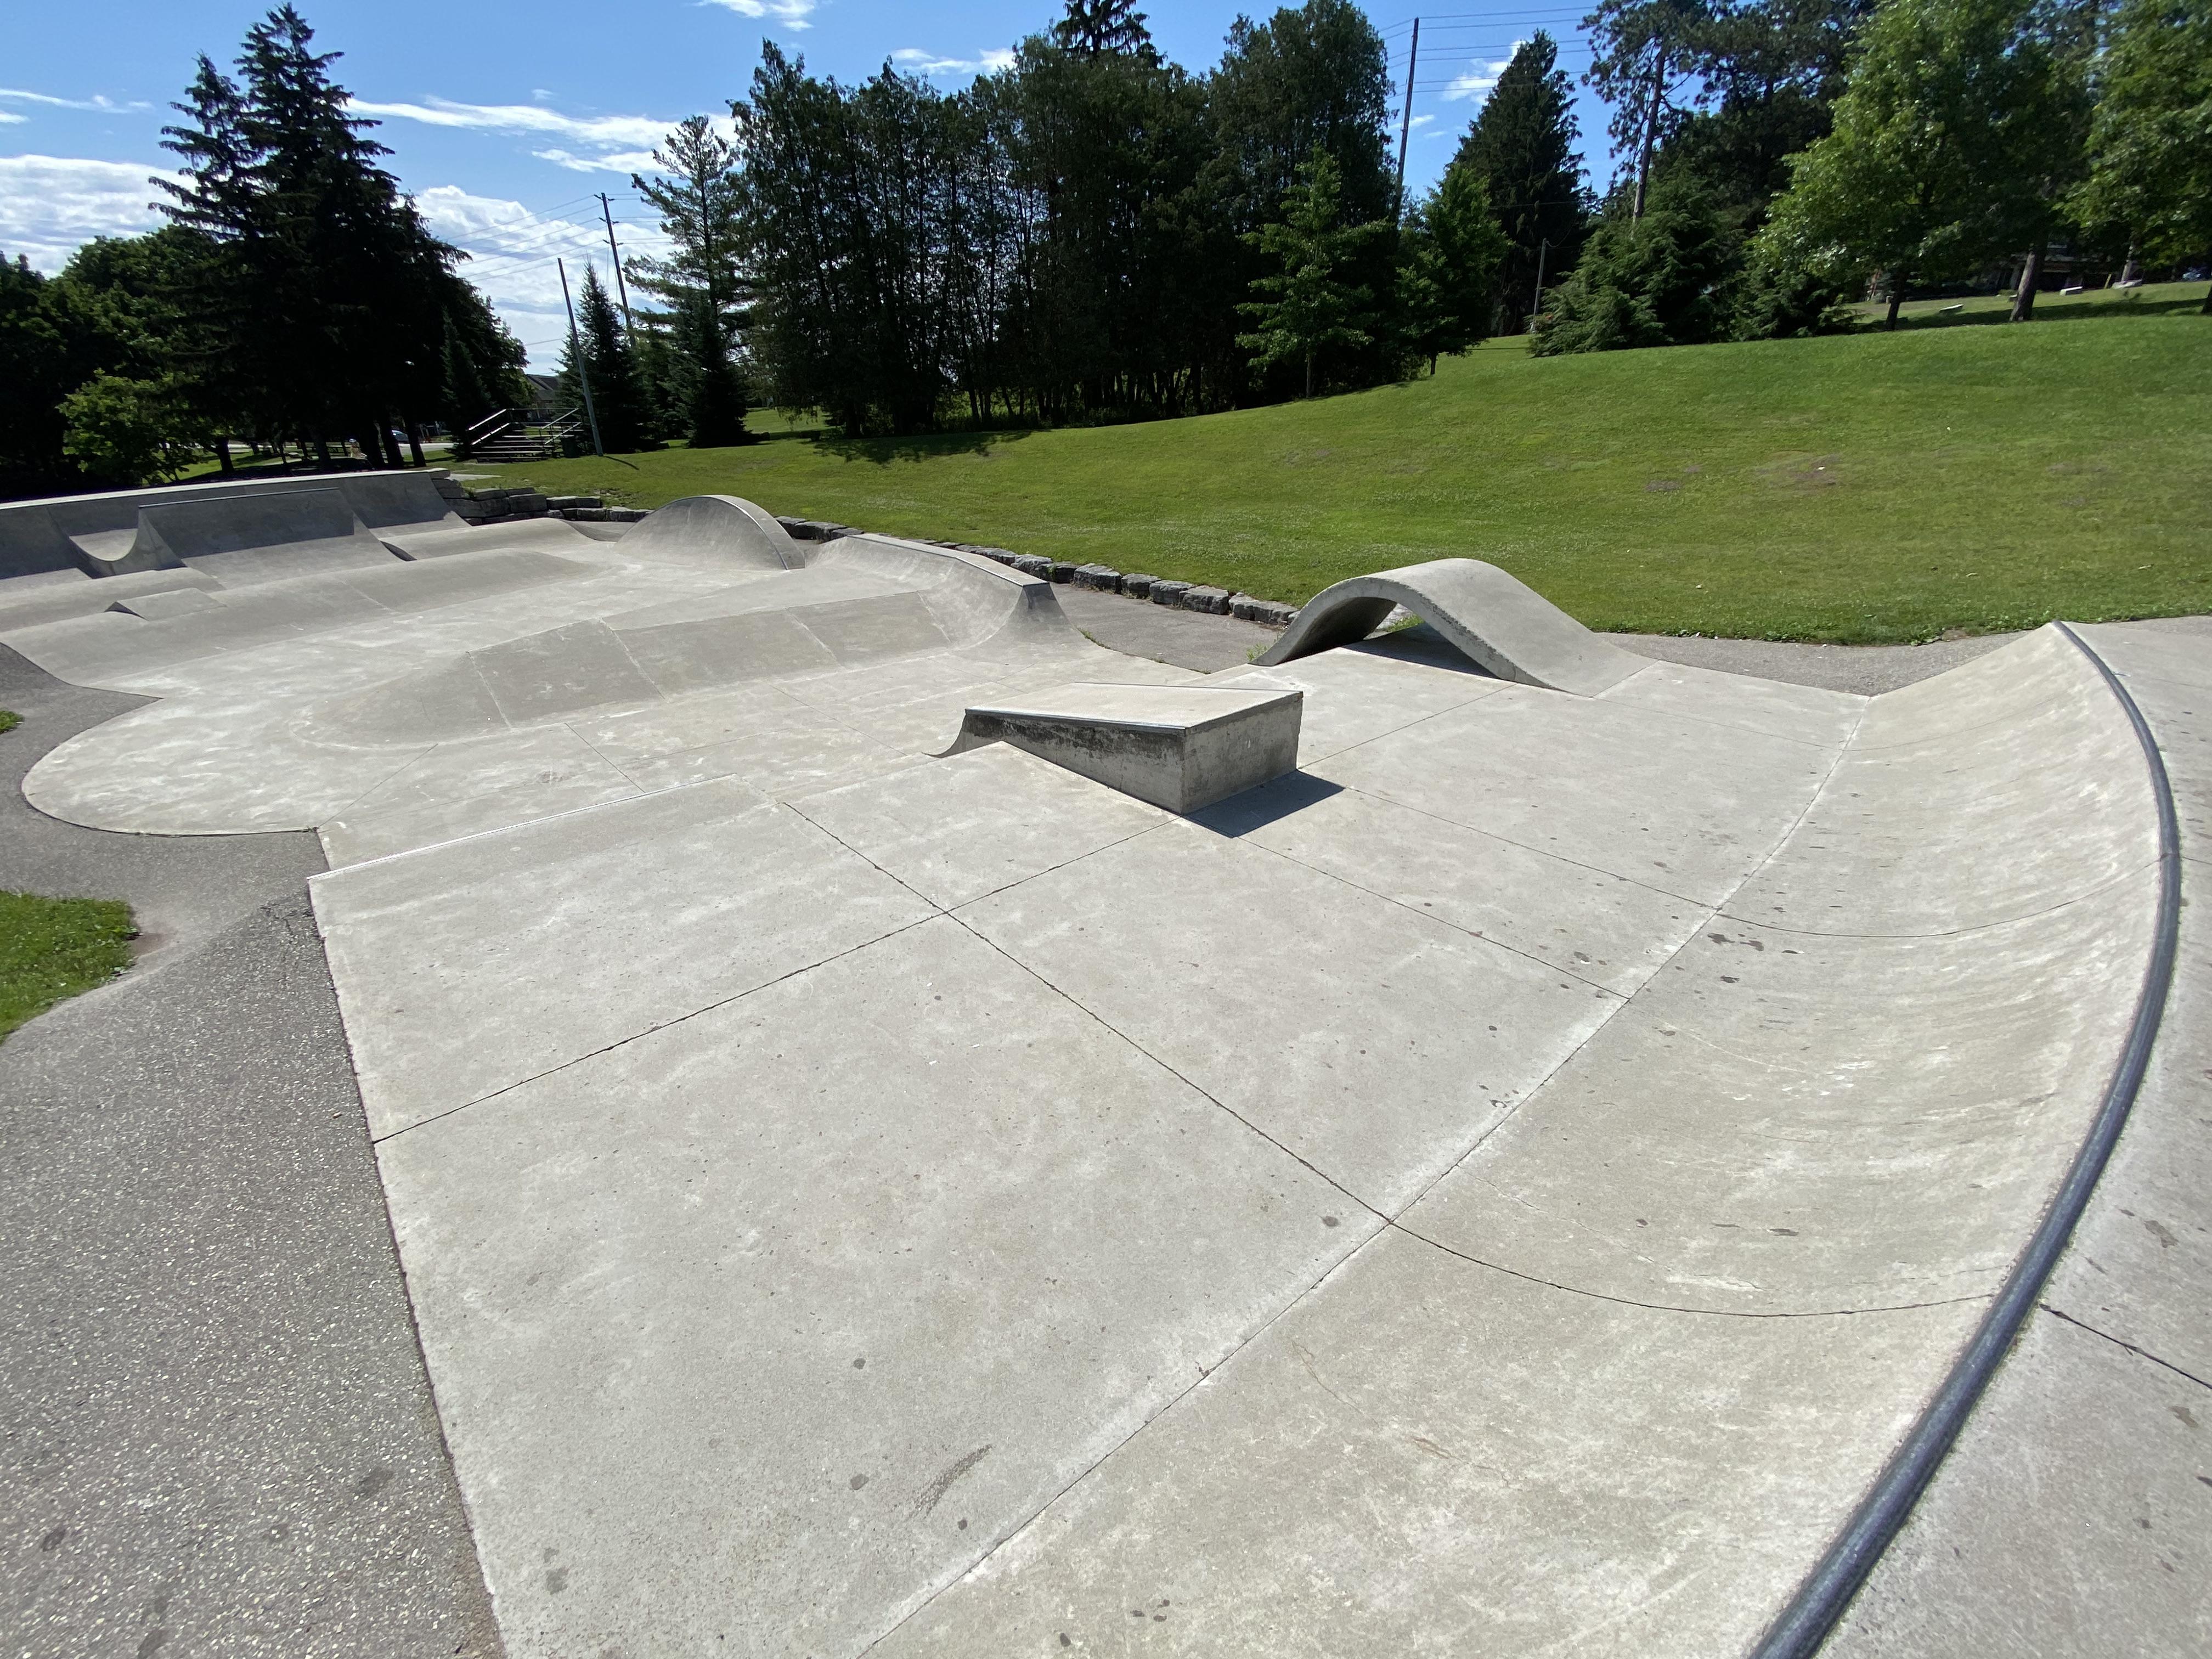 woodstock skatepark main section